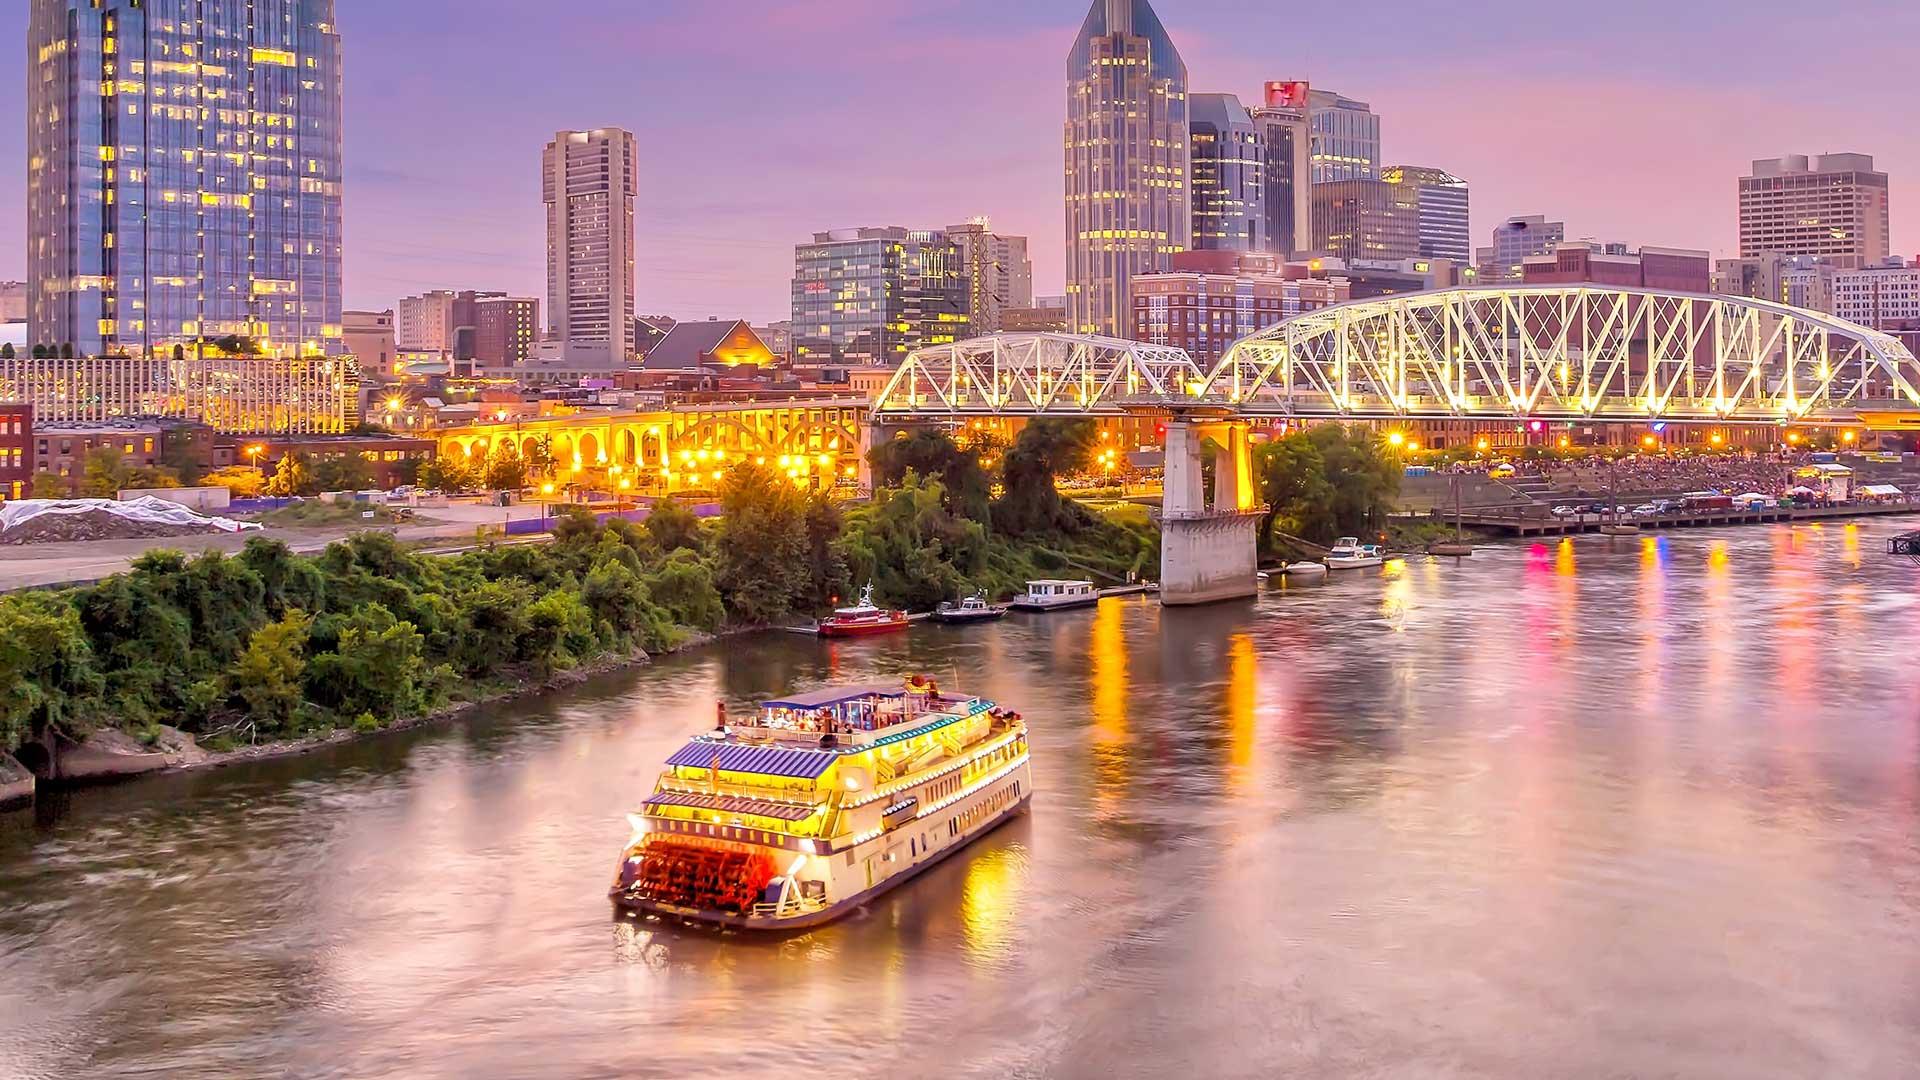 Tennessee skyline dusk